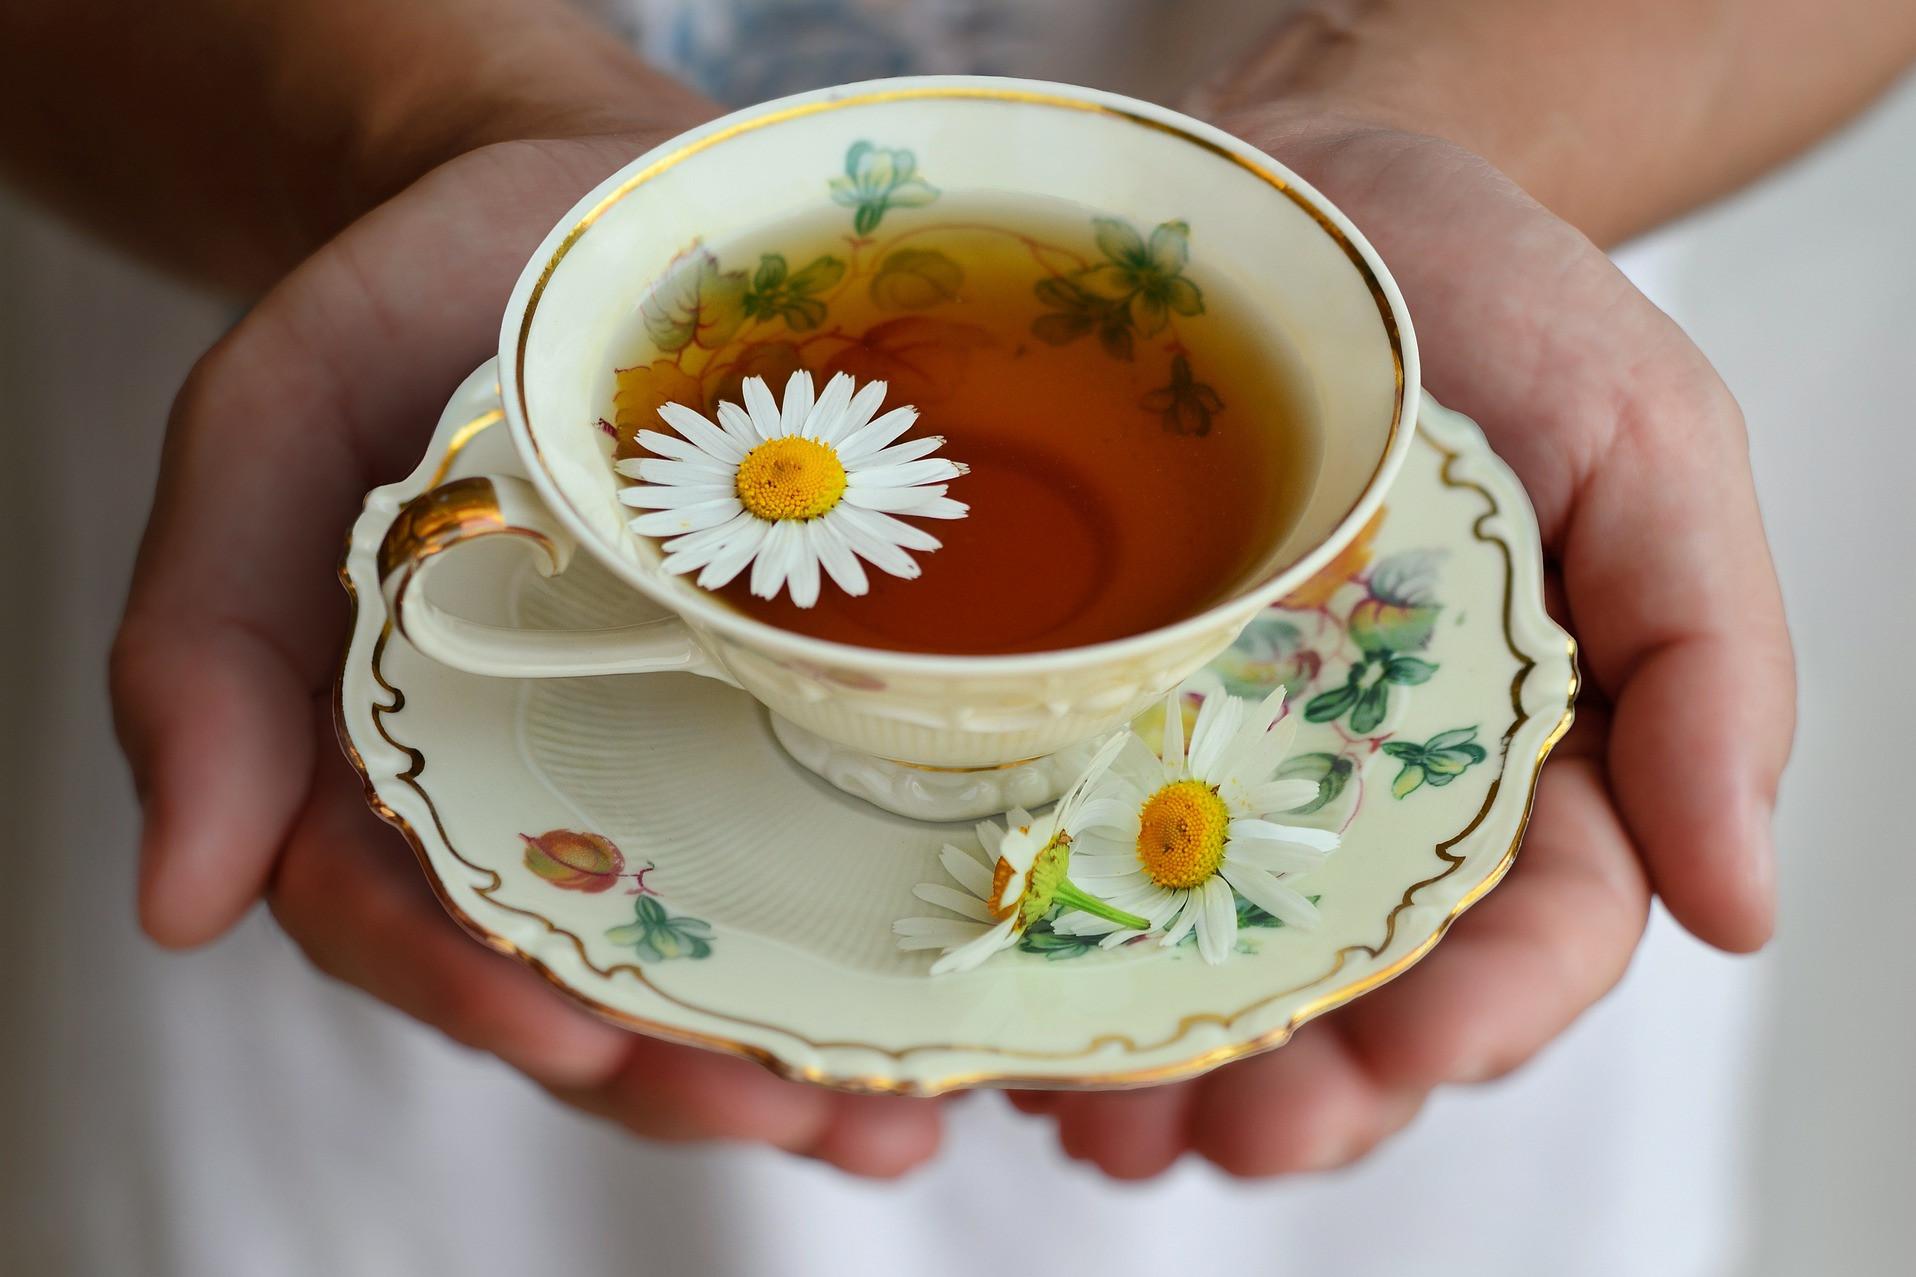 Egy csésze üres kamilla tea könnyíthet rajtunk